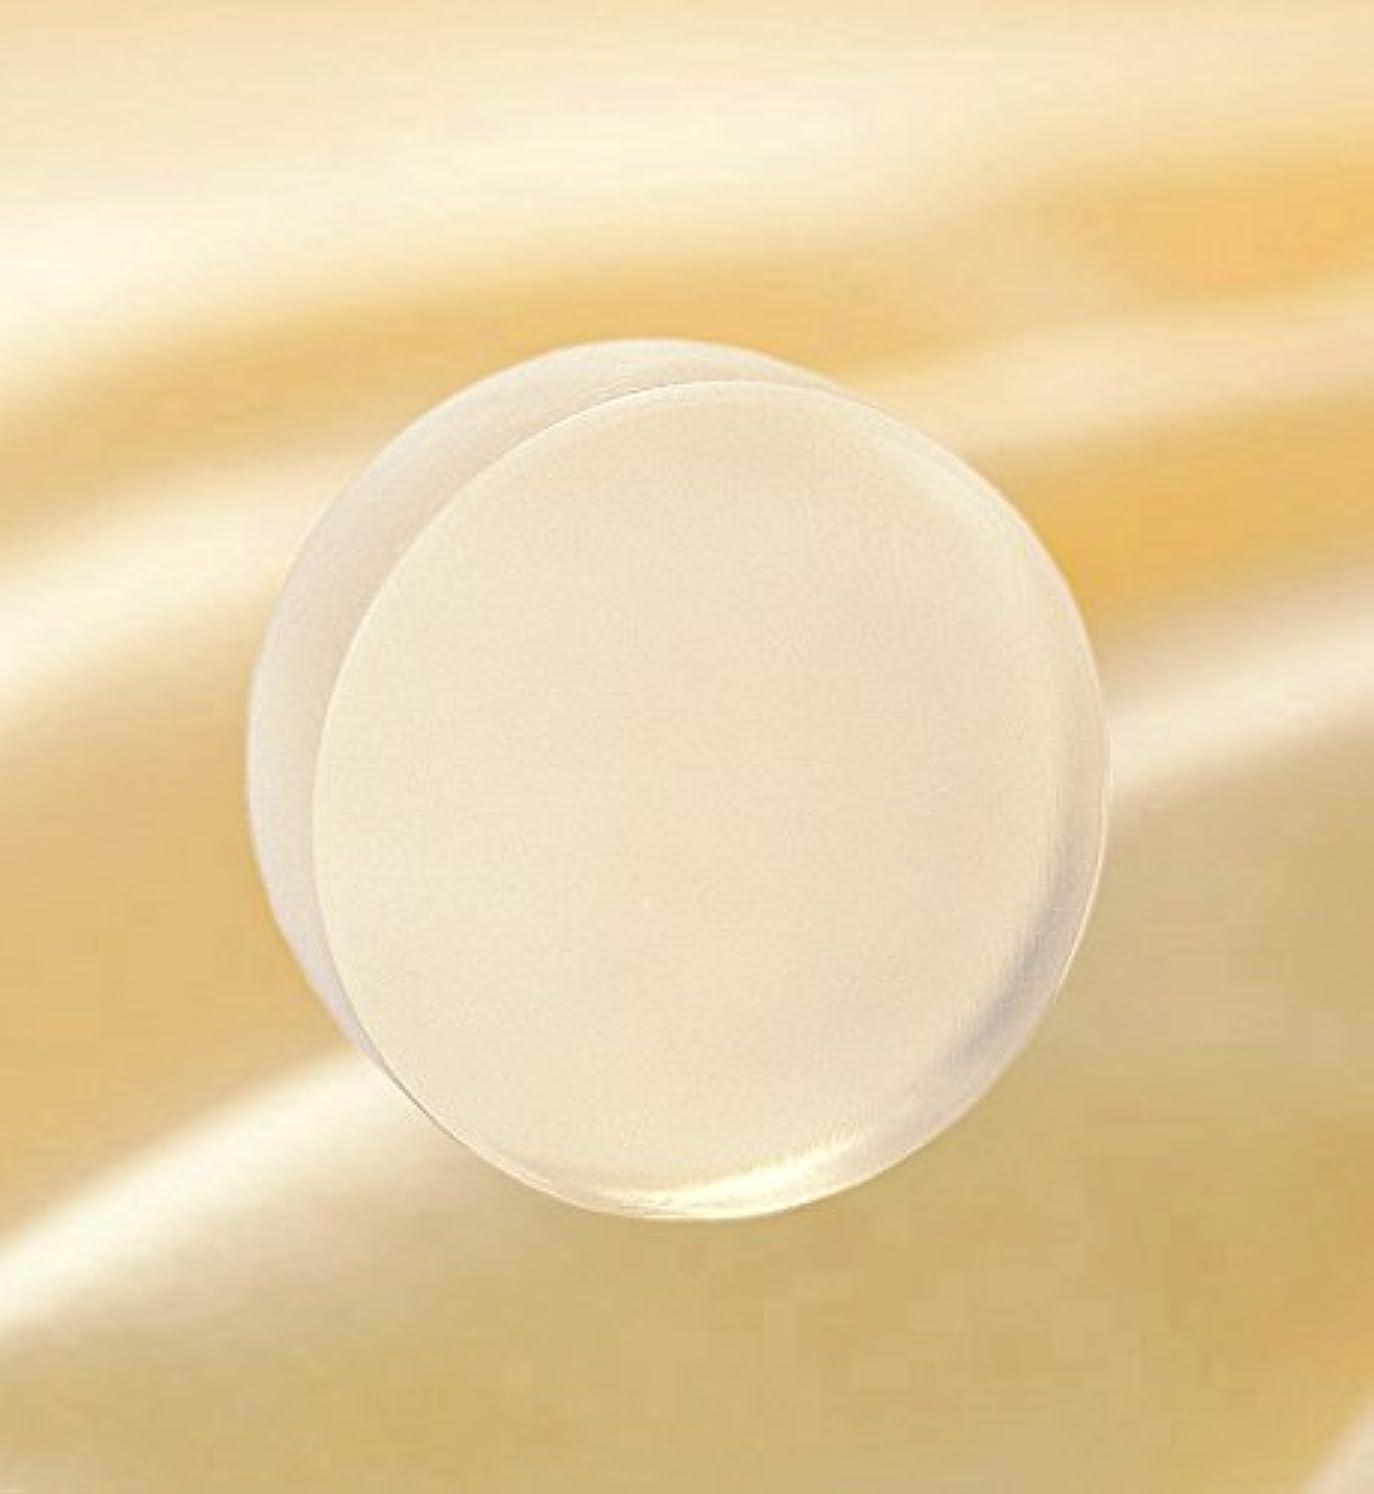 加入の前で支援イピア ピュアマイルド ソープ(透明石鹸)(100g) IPIA Pure Mild Soap